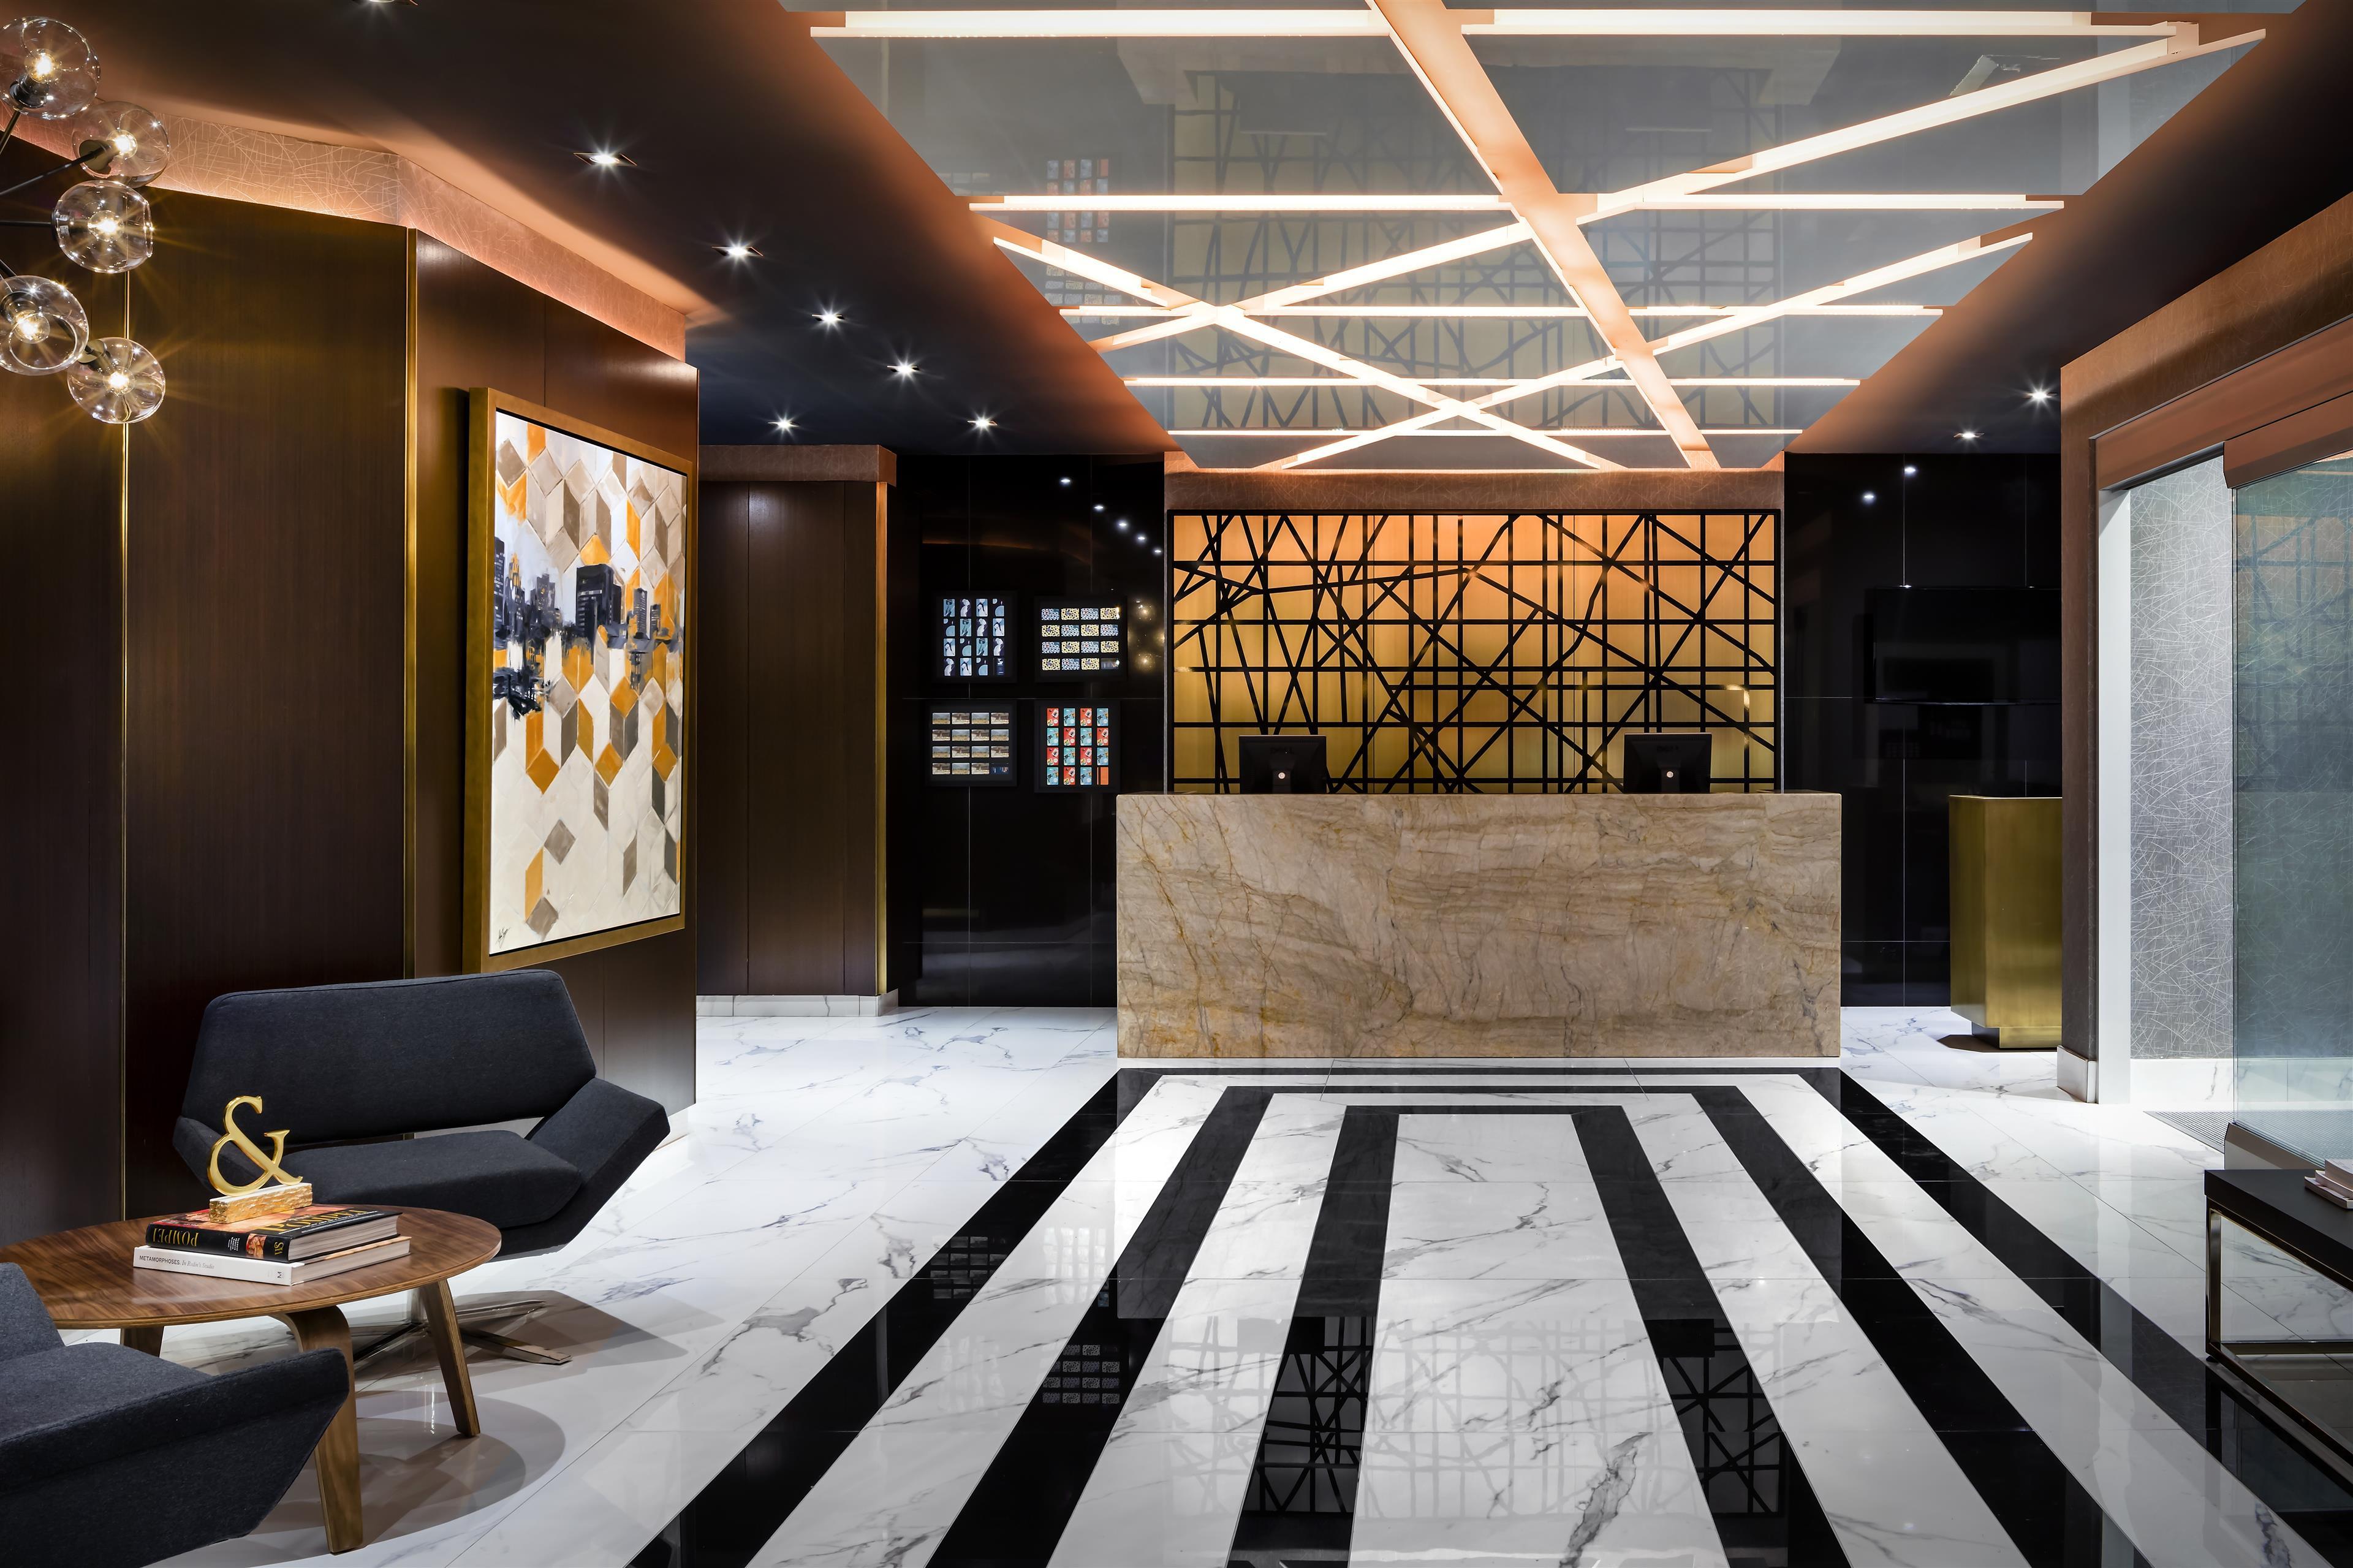 Le Méridien Versailles à Montreal: Lobby / Guest Services